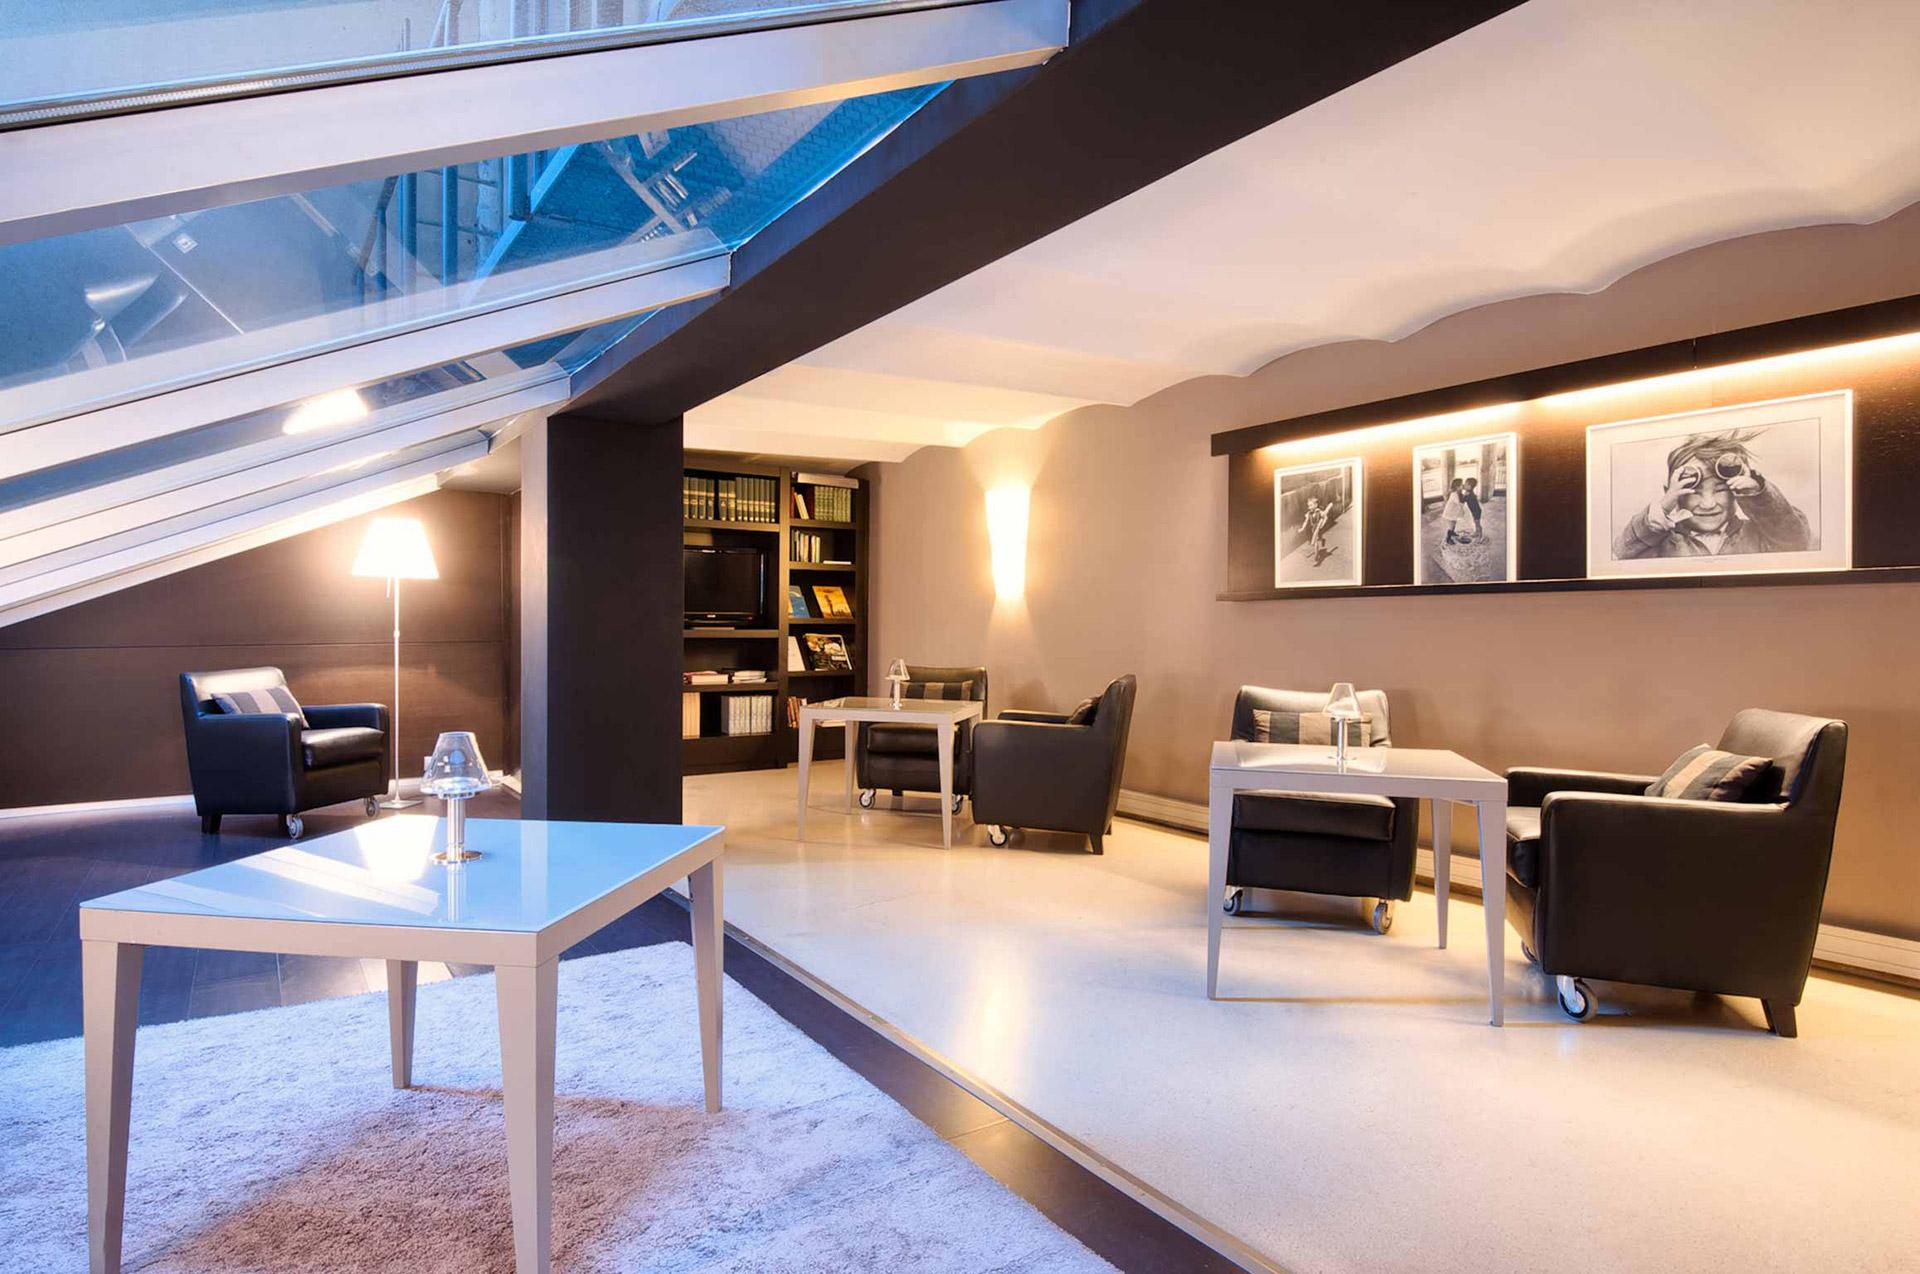 Servicios a empresas hotel actual for Sala de reuniones